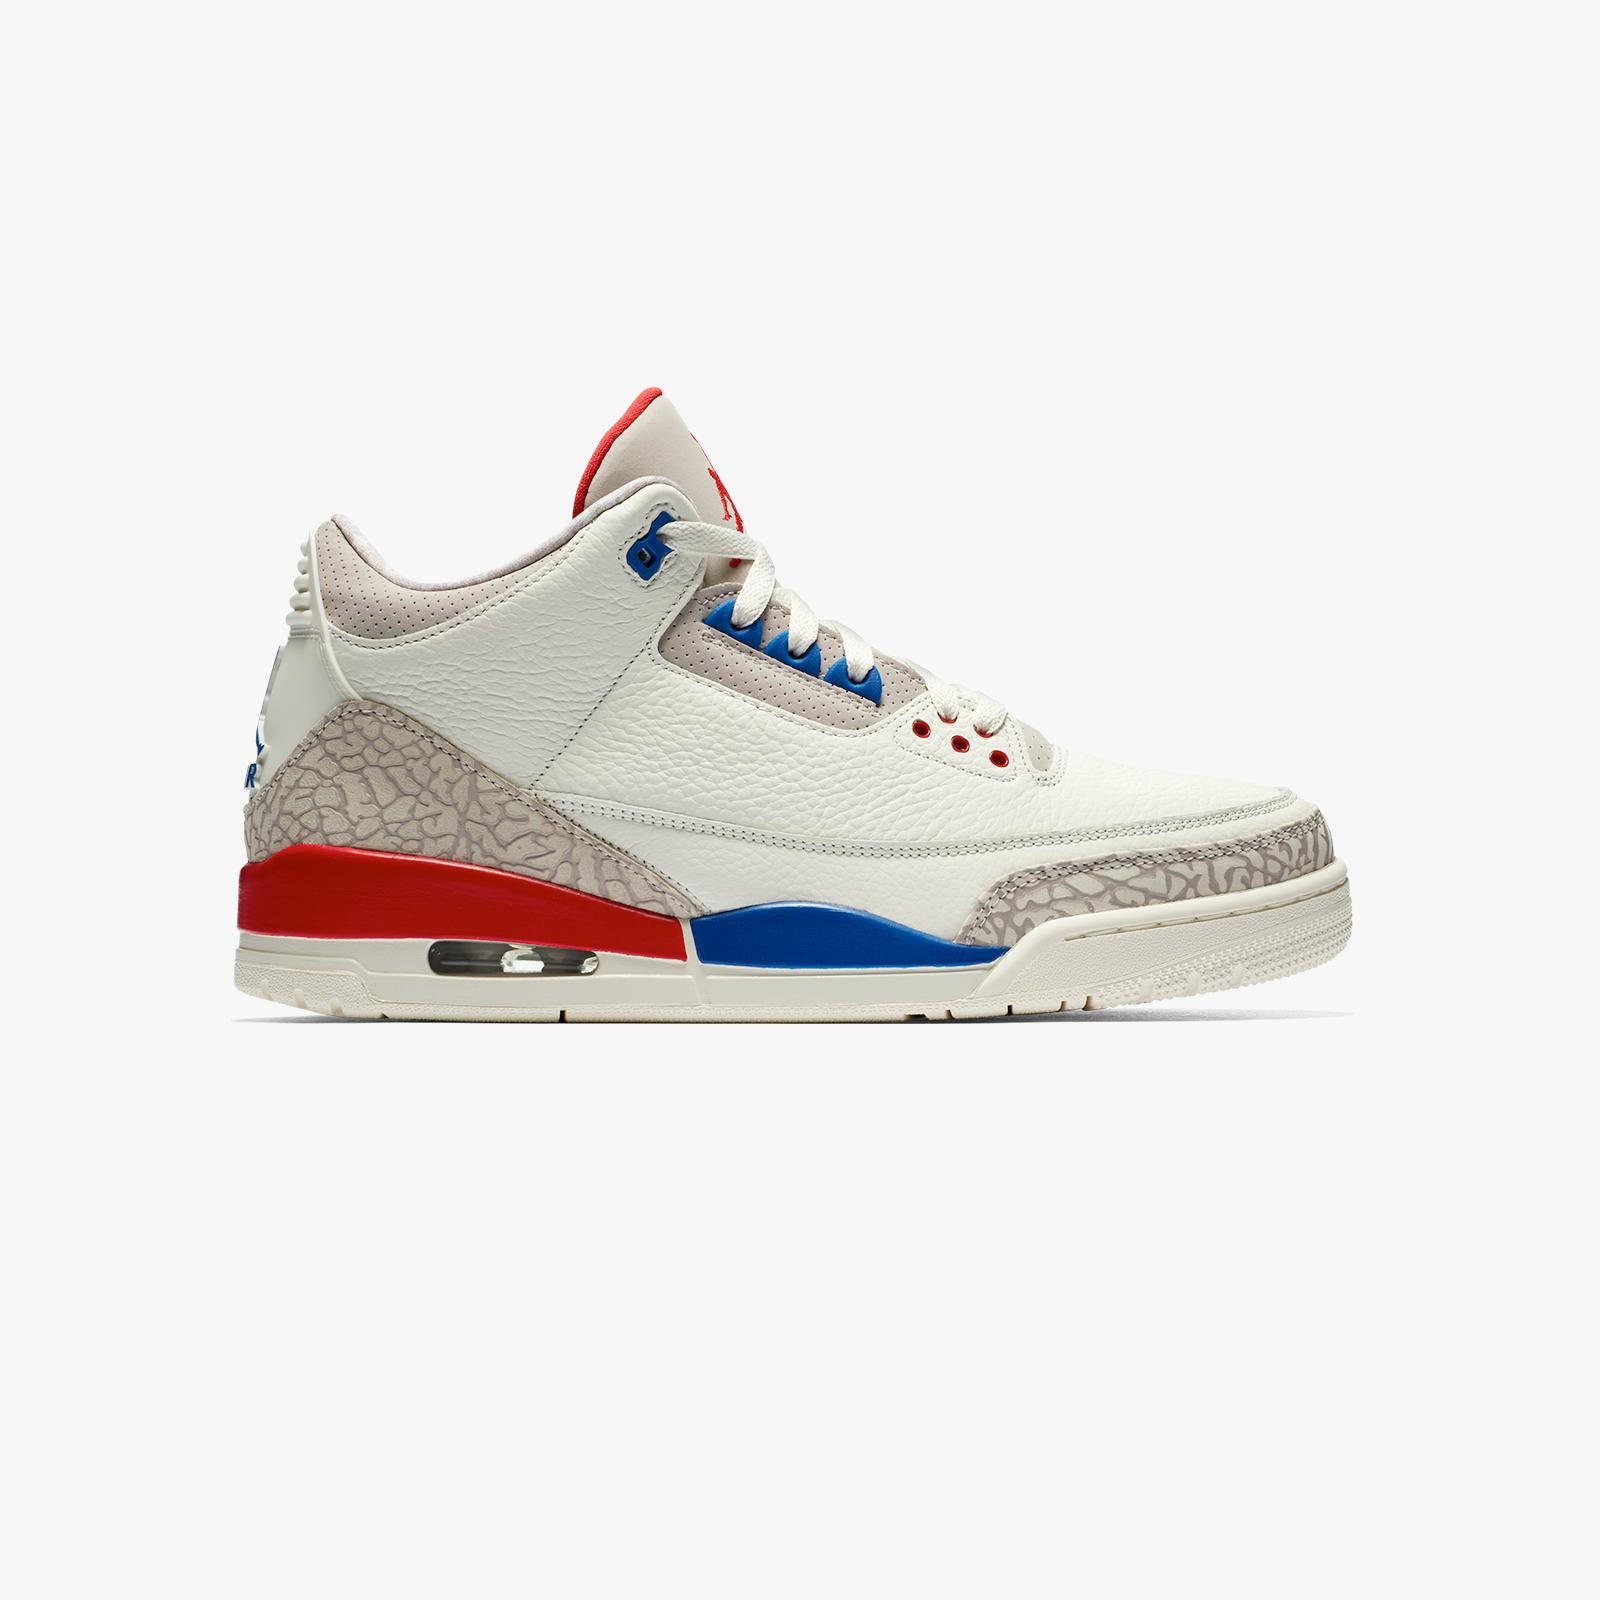 Jordan Brand Air Jordan 3 Retro - 136064-140 - Sneakersnstuff ... 71394ea22